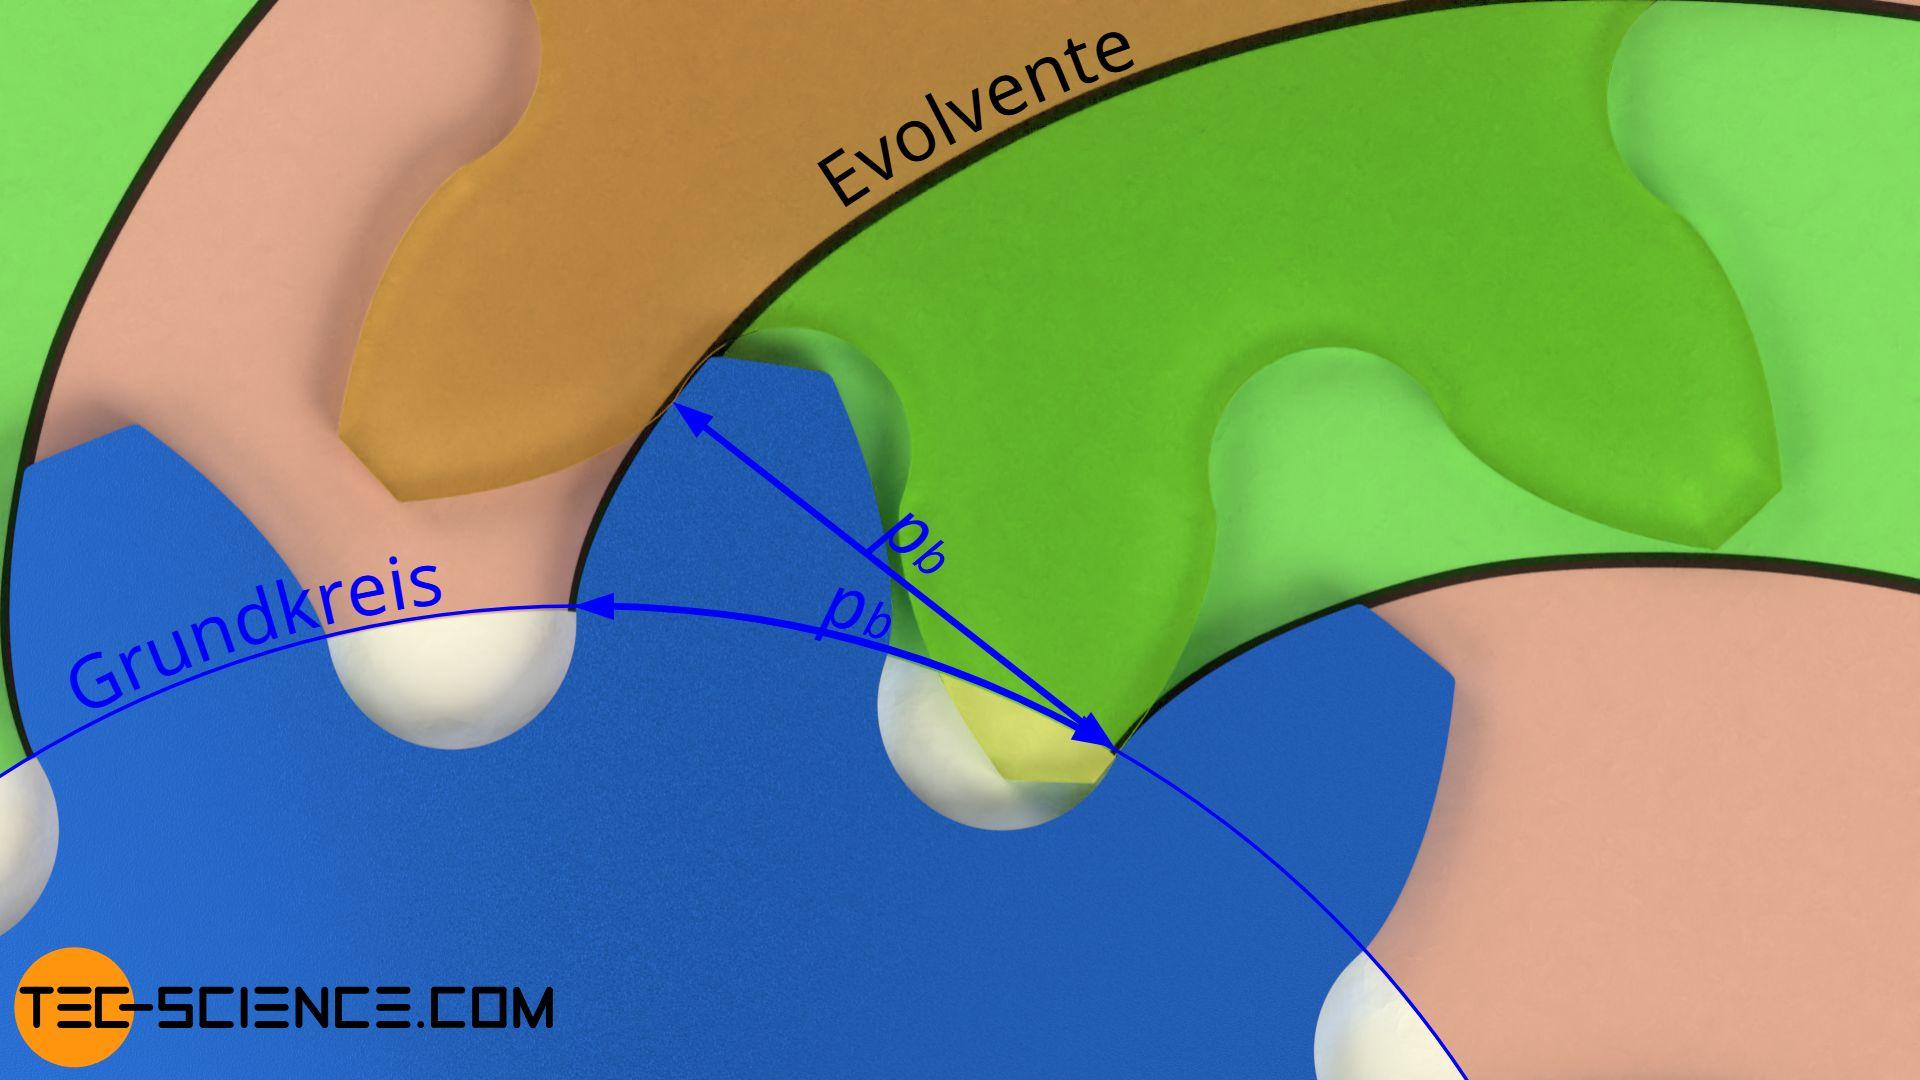 Eingriffsteilung zweier in Kontakt stehender Zahnräder